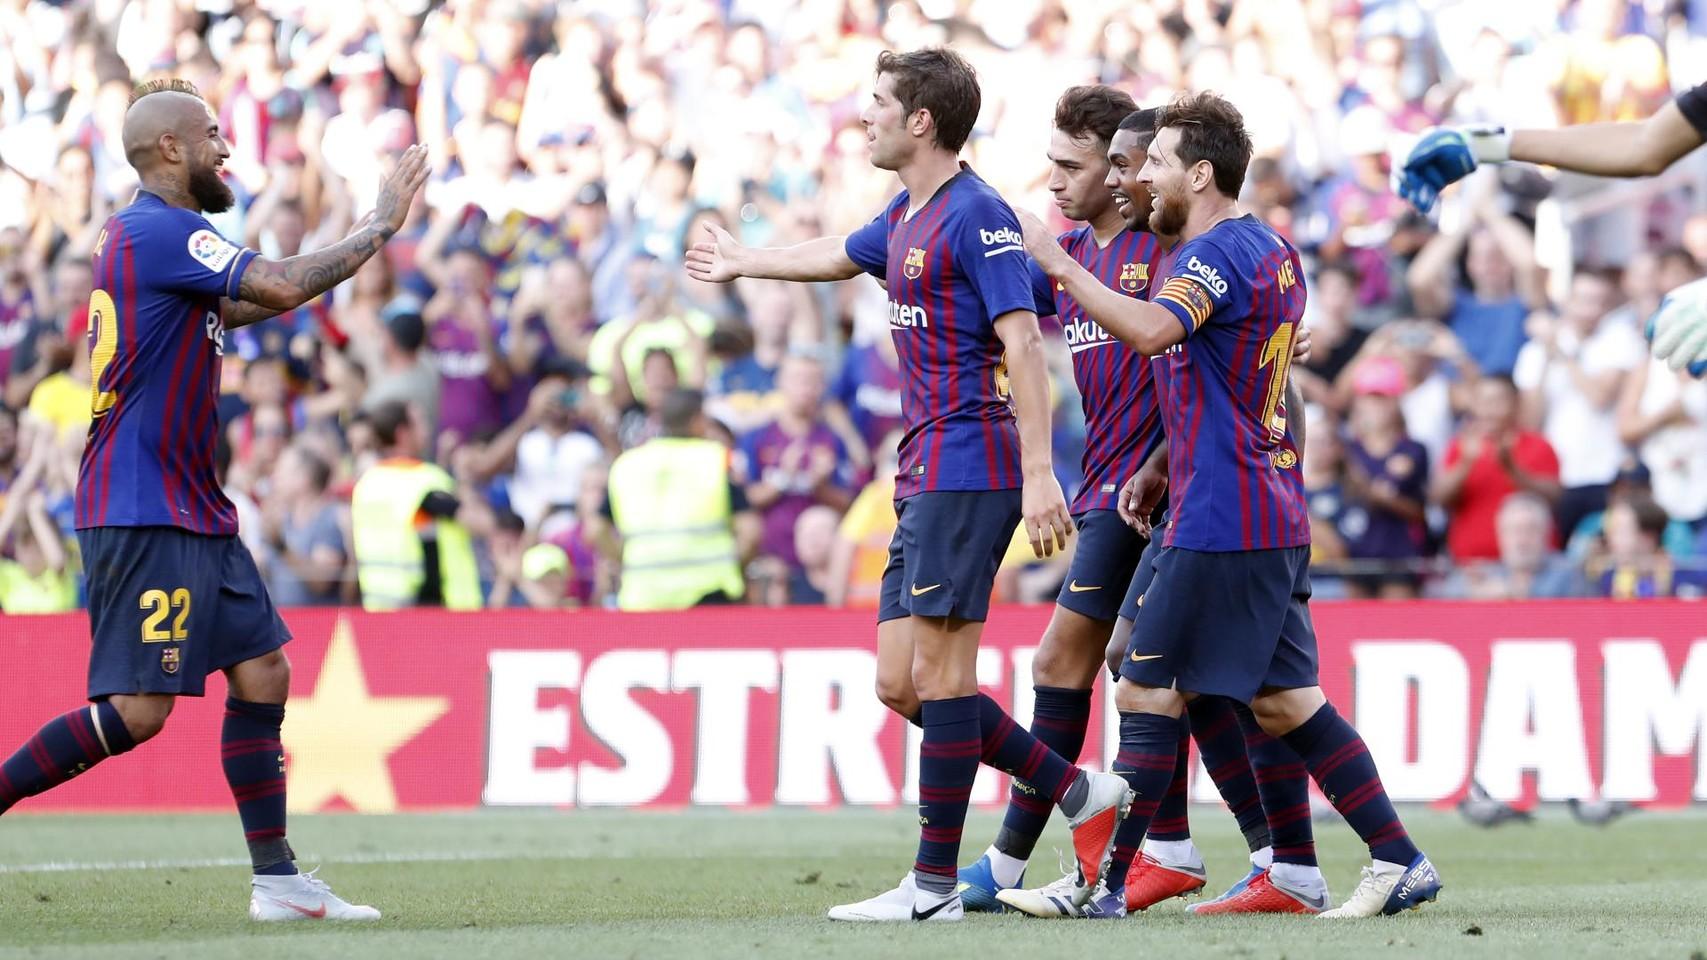 صور مباراة : برشلونة - بوكا جونيورز ( 16-08-2018 )  95974539